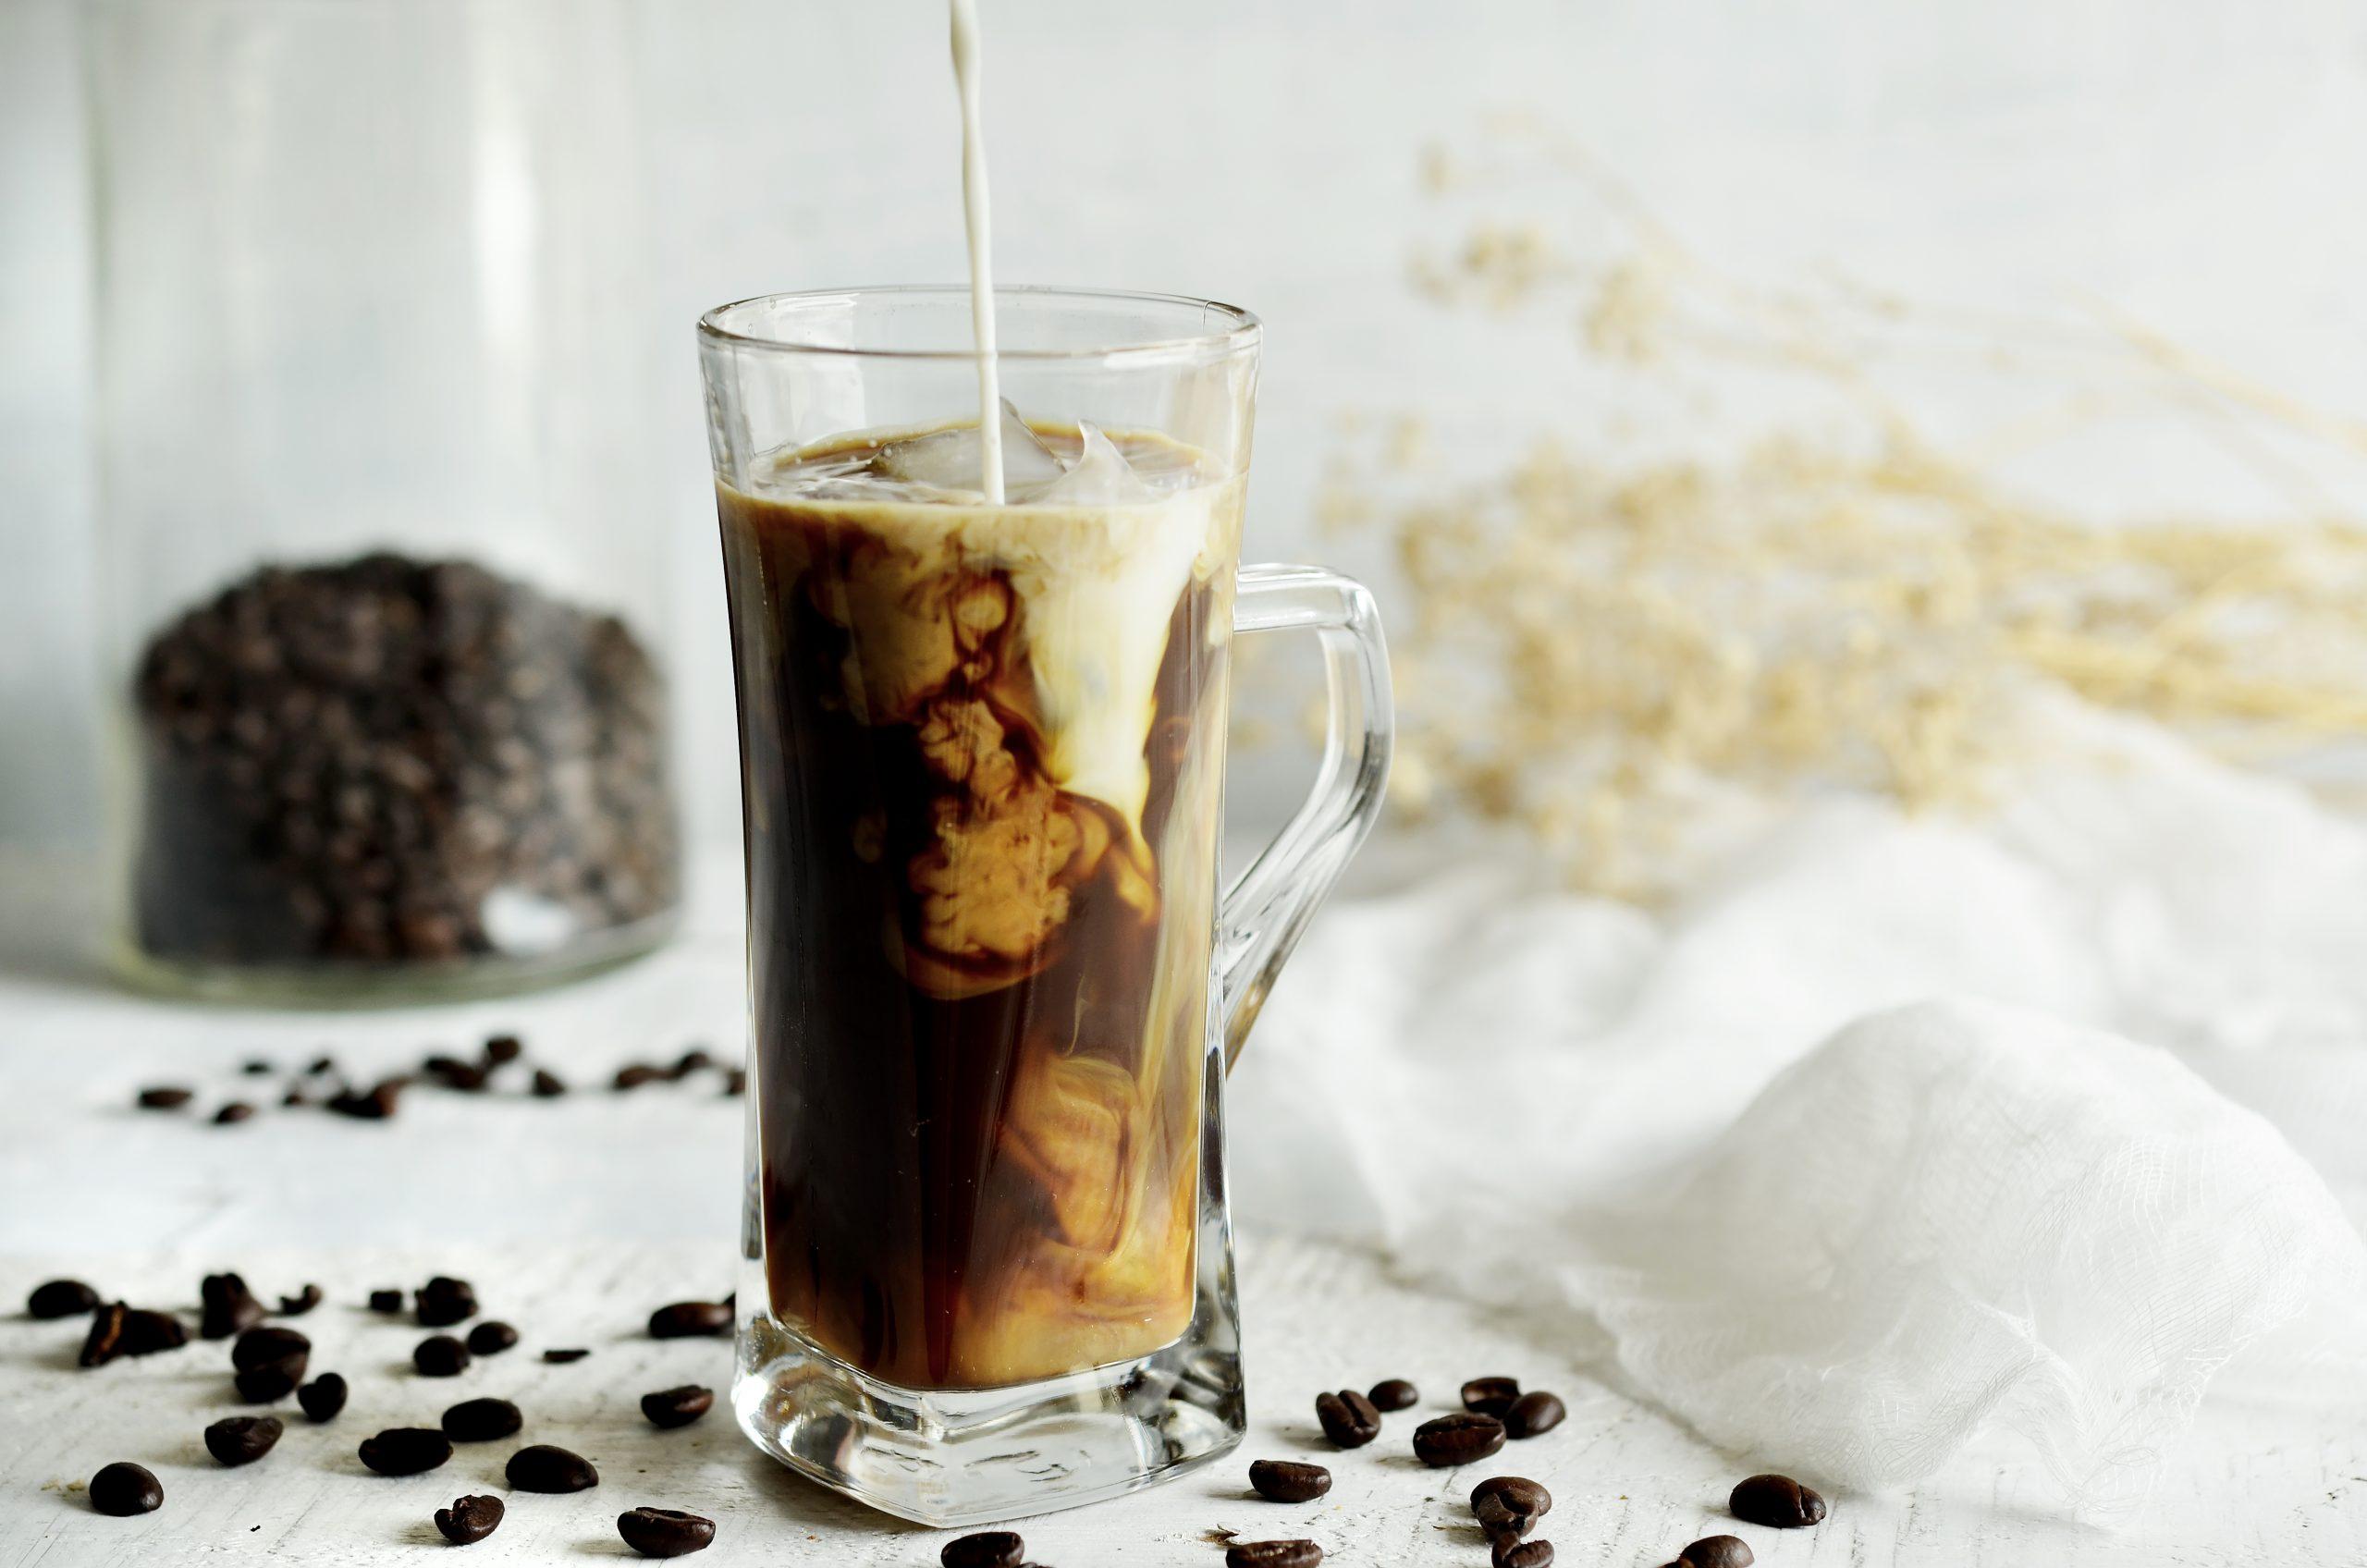 kawa parzona na zimno - cold-brew